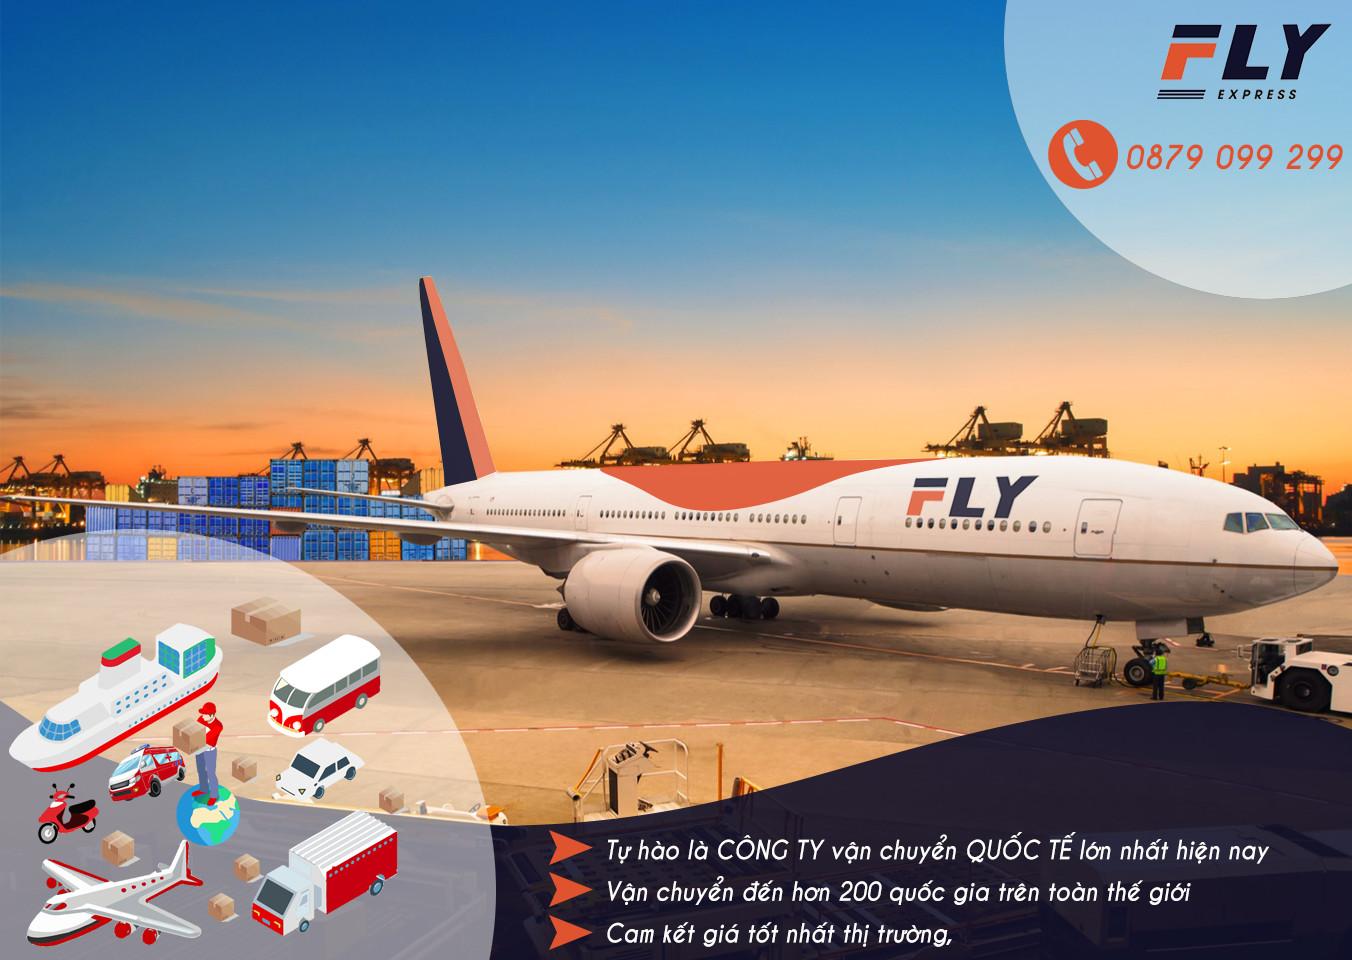 máy bay fly express - Trang chủ